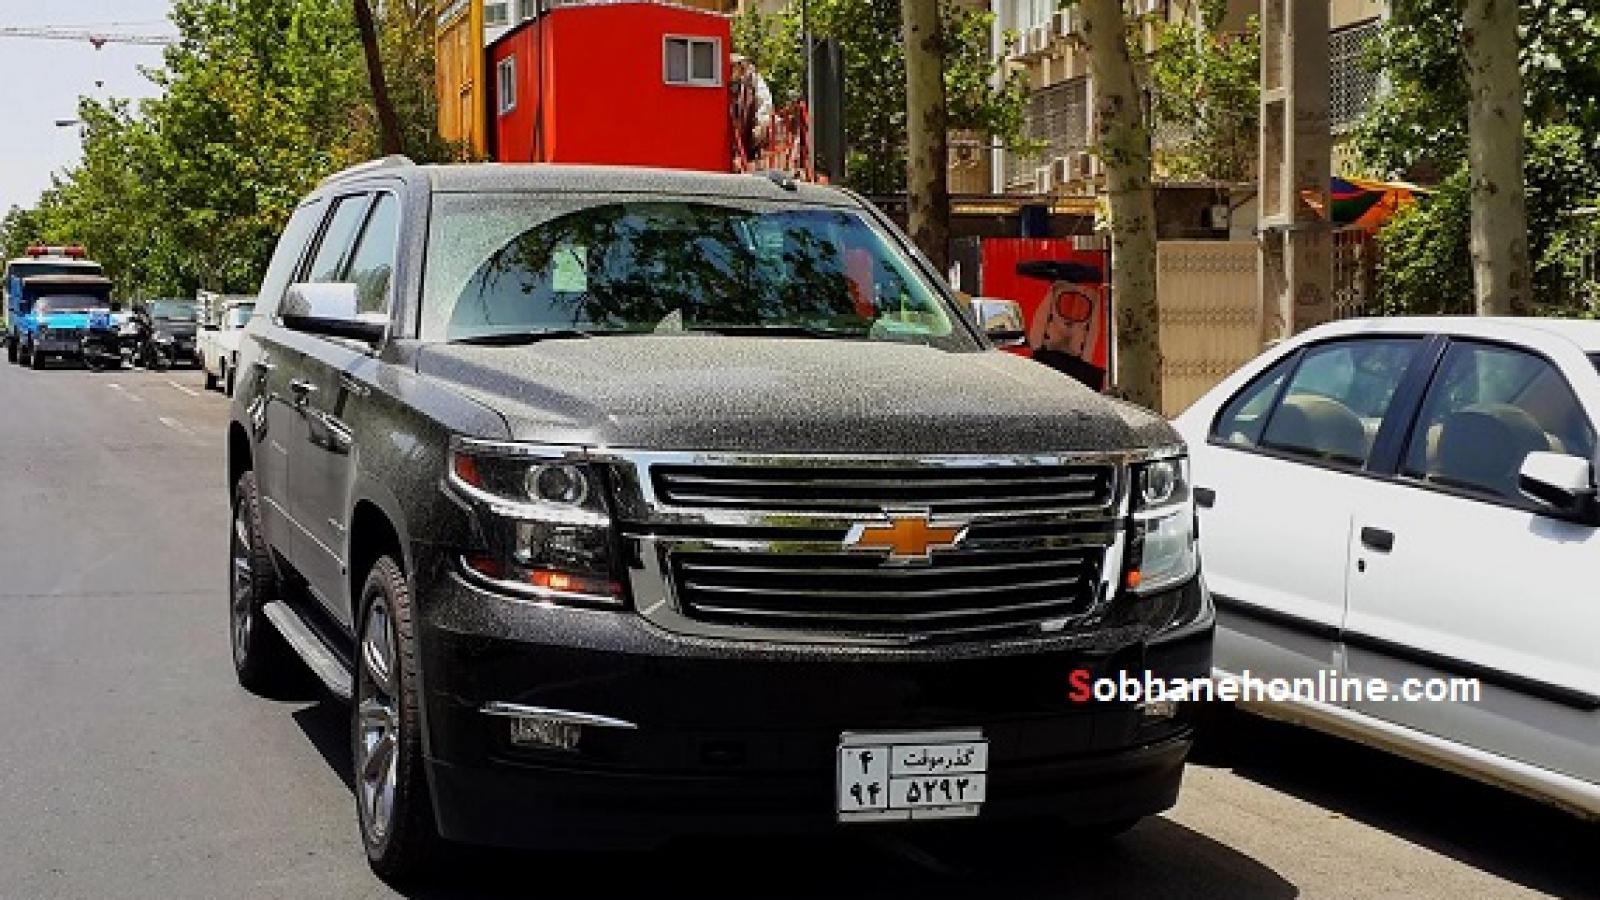 شورلت تاهو - اجاره ماشین - اجاره خودرو - کرایه ماشین